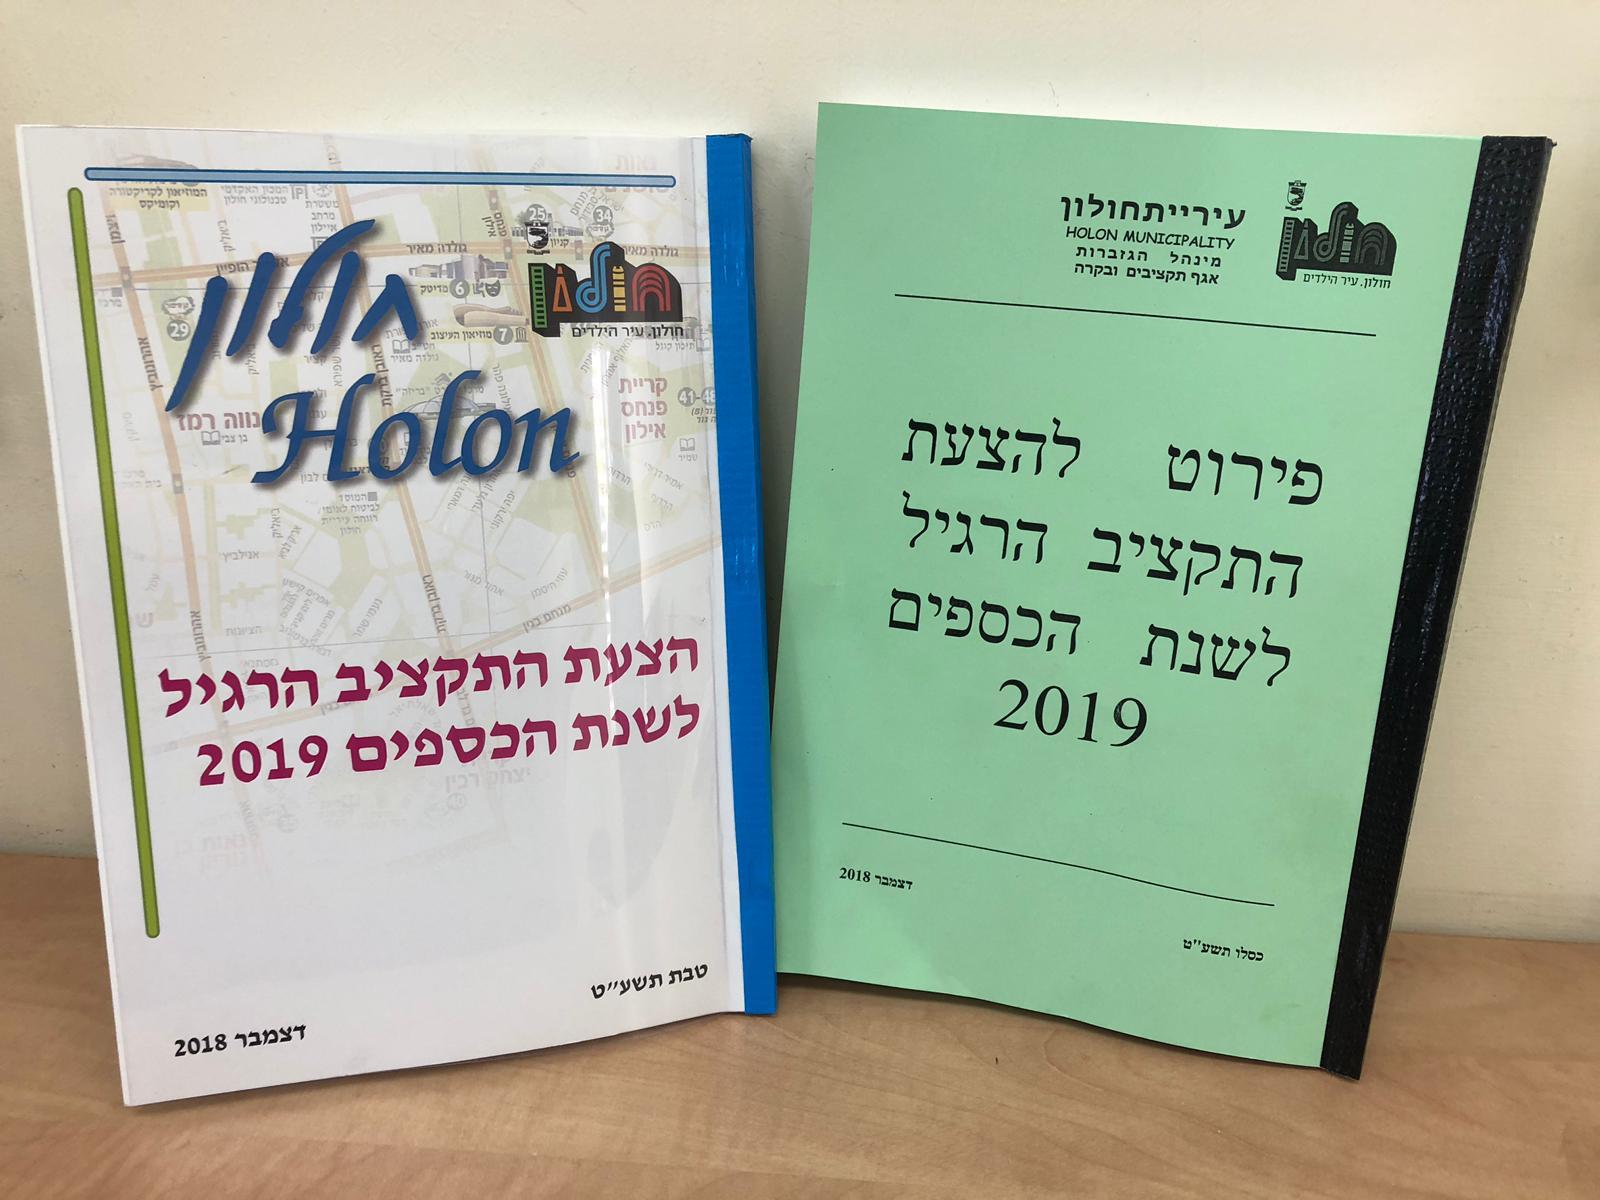 Photo of אושר תקציב עיריית חולון לשנת 2019